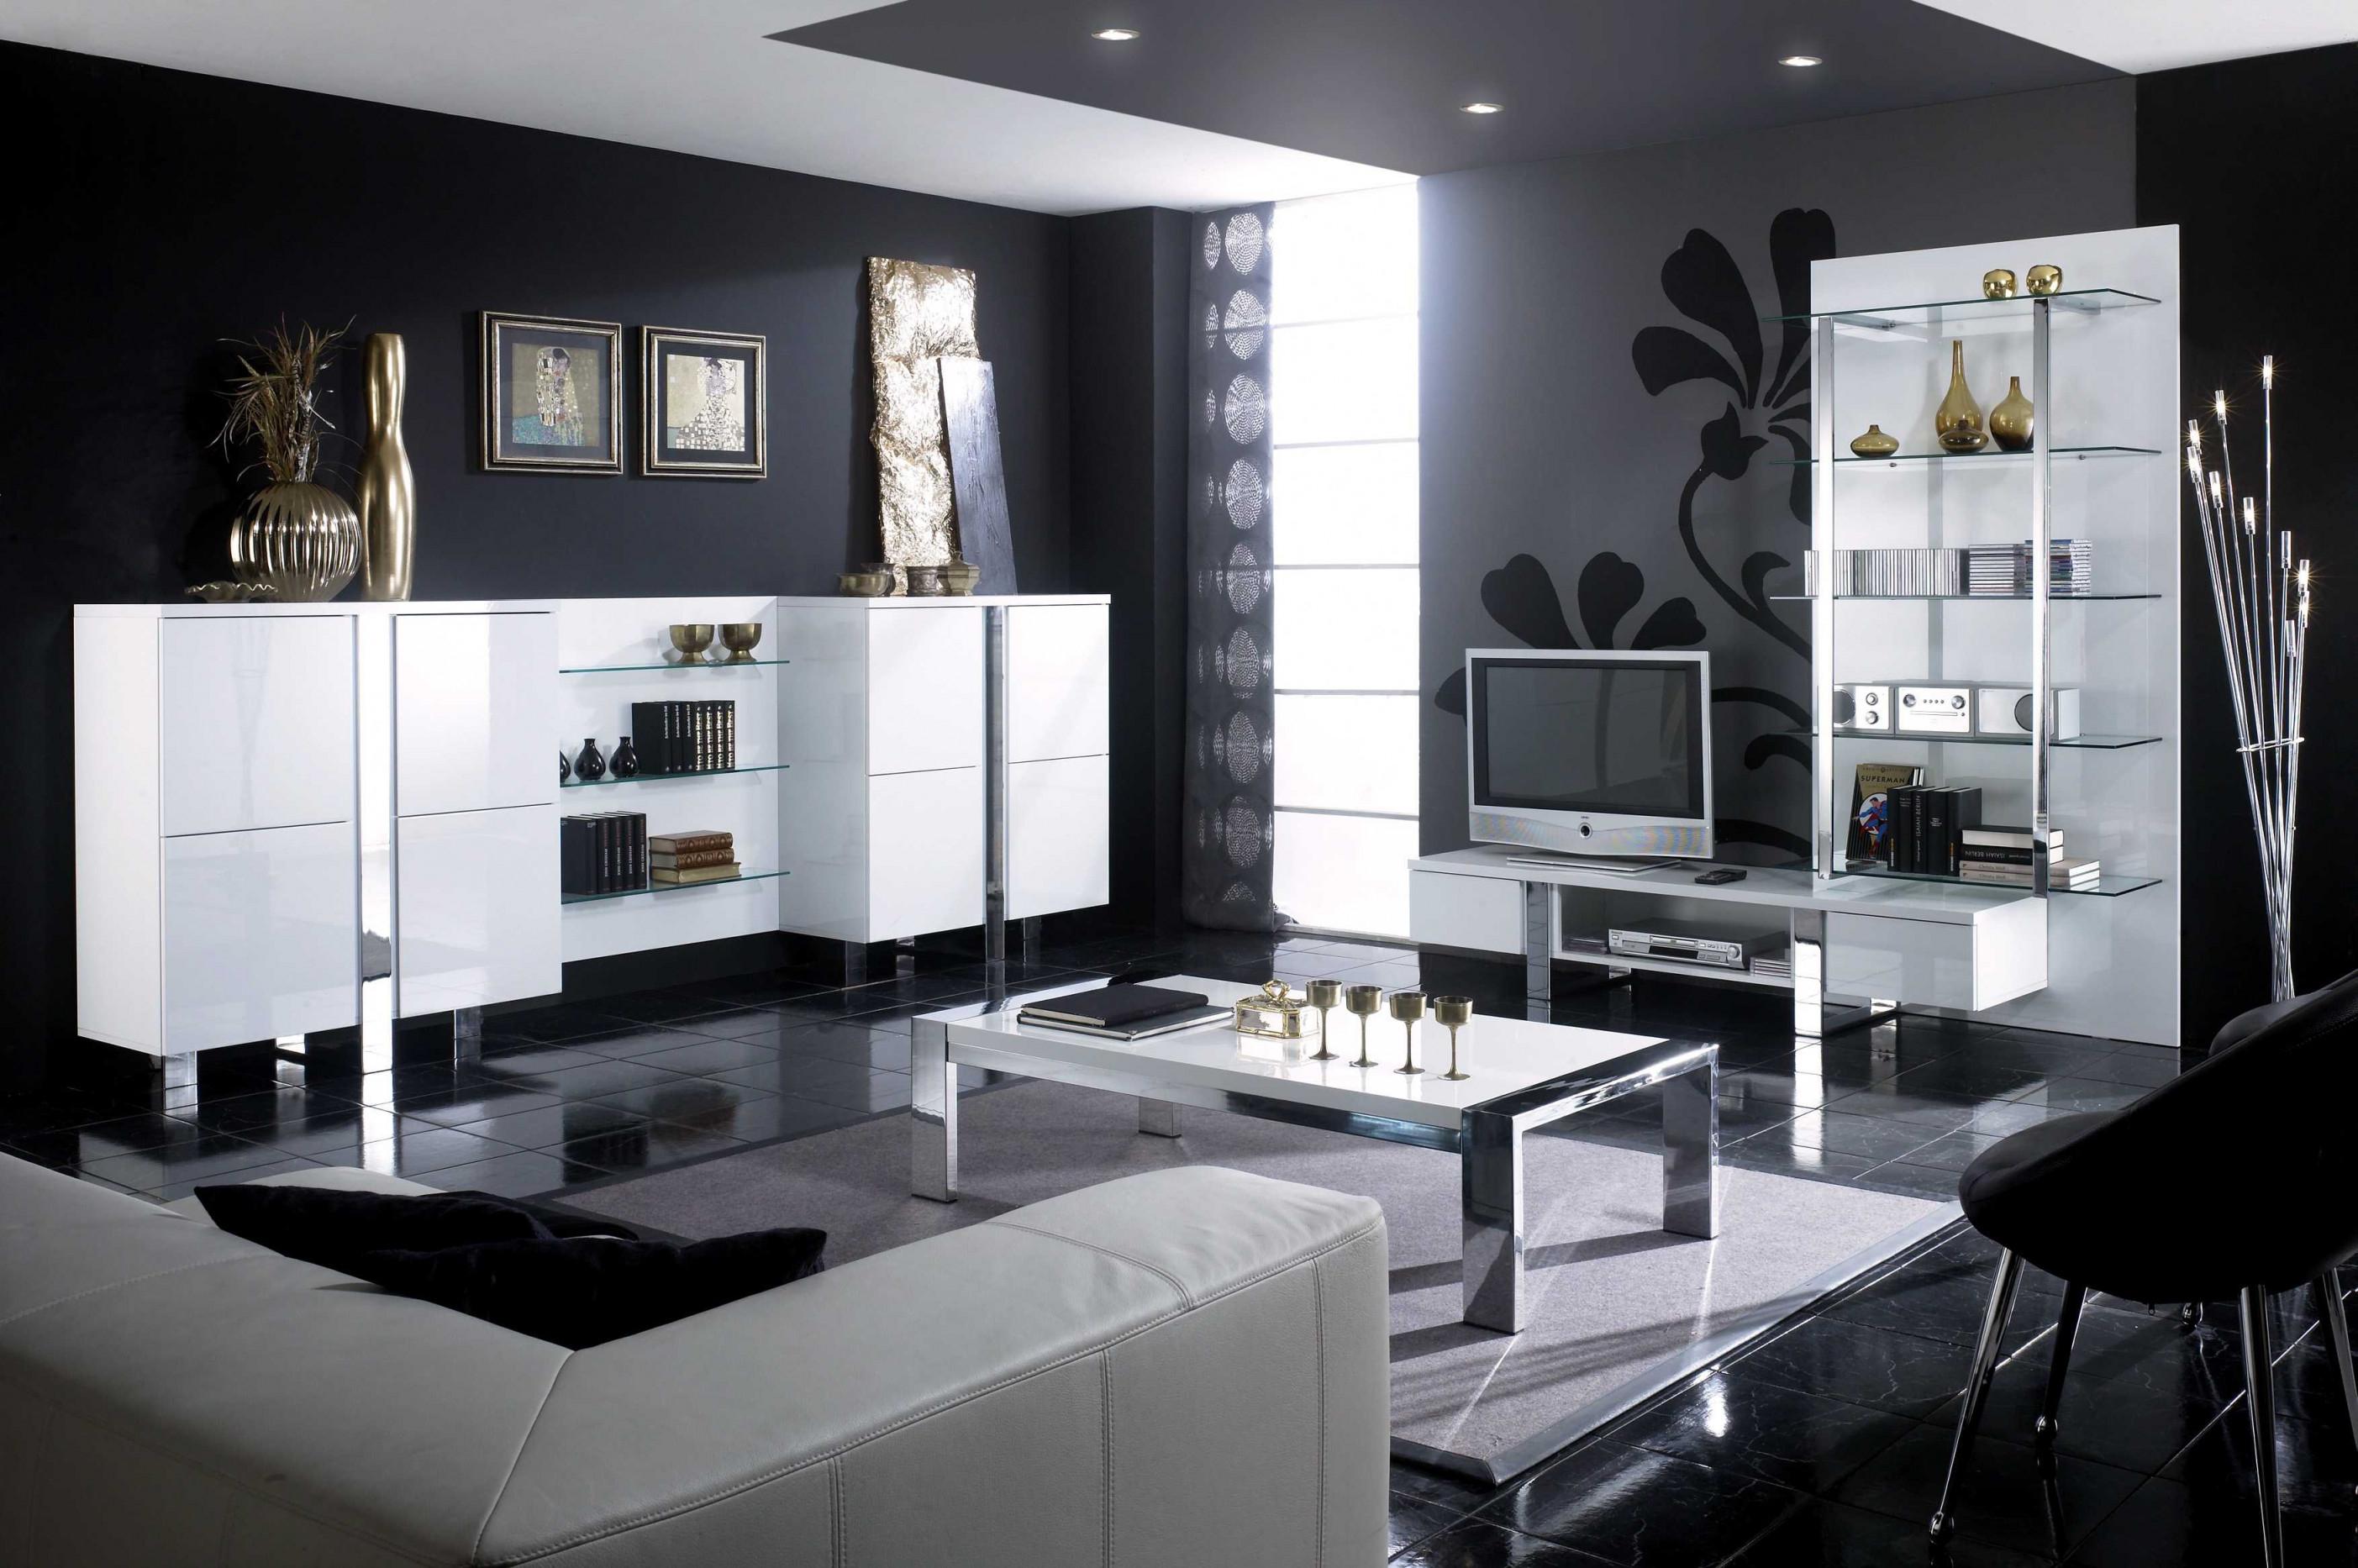 Moderne Bilder Wohnzimmer Schwarz Weiss – Caseconrad von Wohnzimmer Bilder Schwarz Weiß Photo